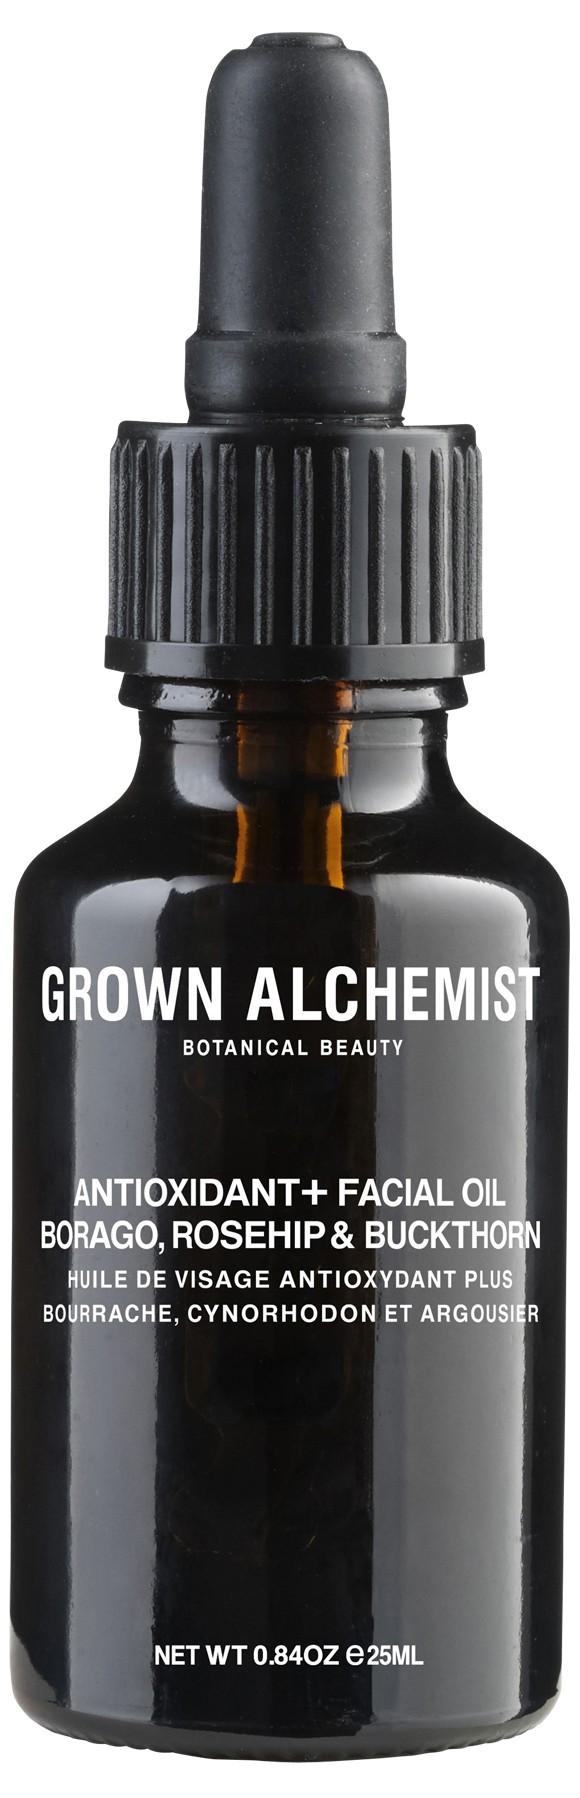 Grown Alchemist - Anti-Oxidant+ Facial Oil: Borago, Rosehip & Buckthorn Berry 25 ml